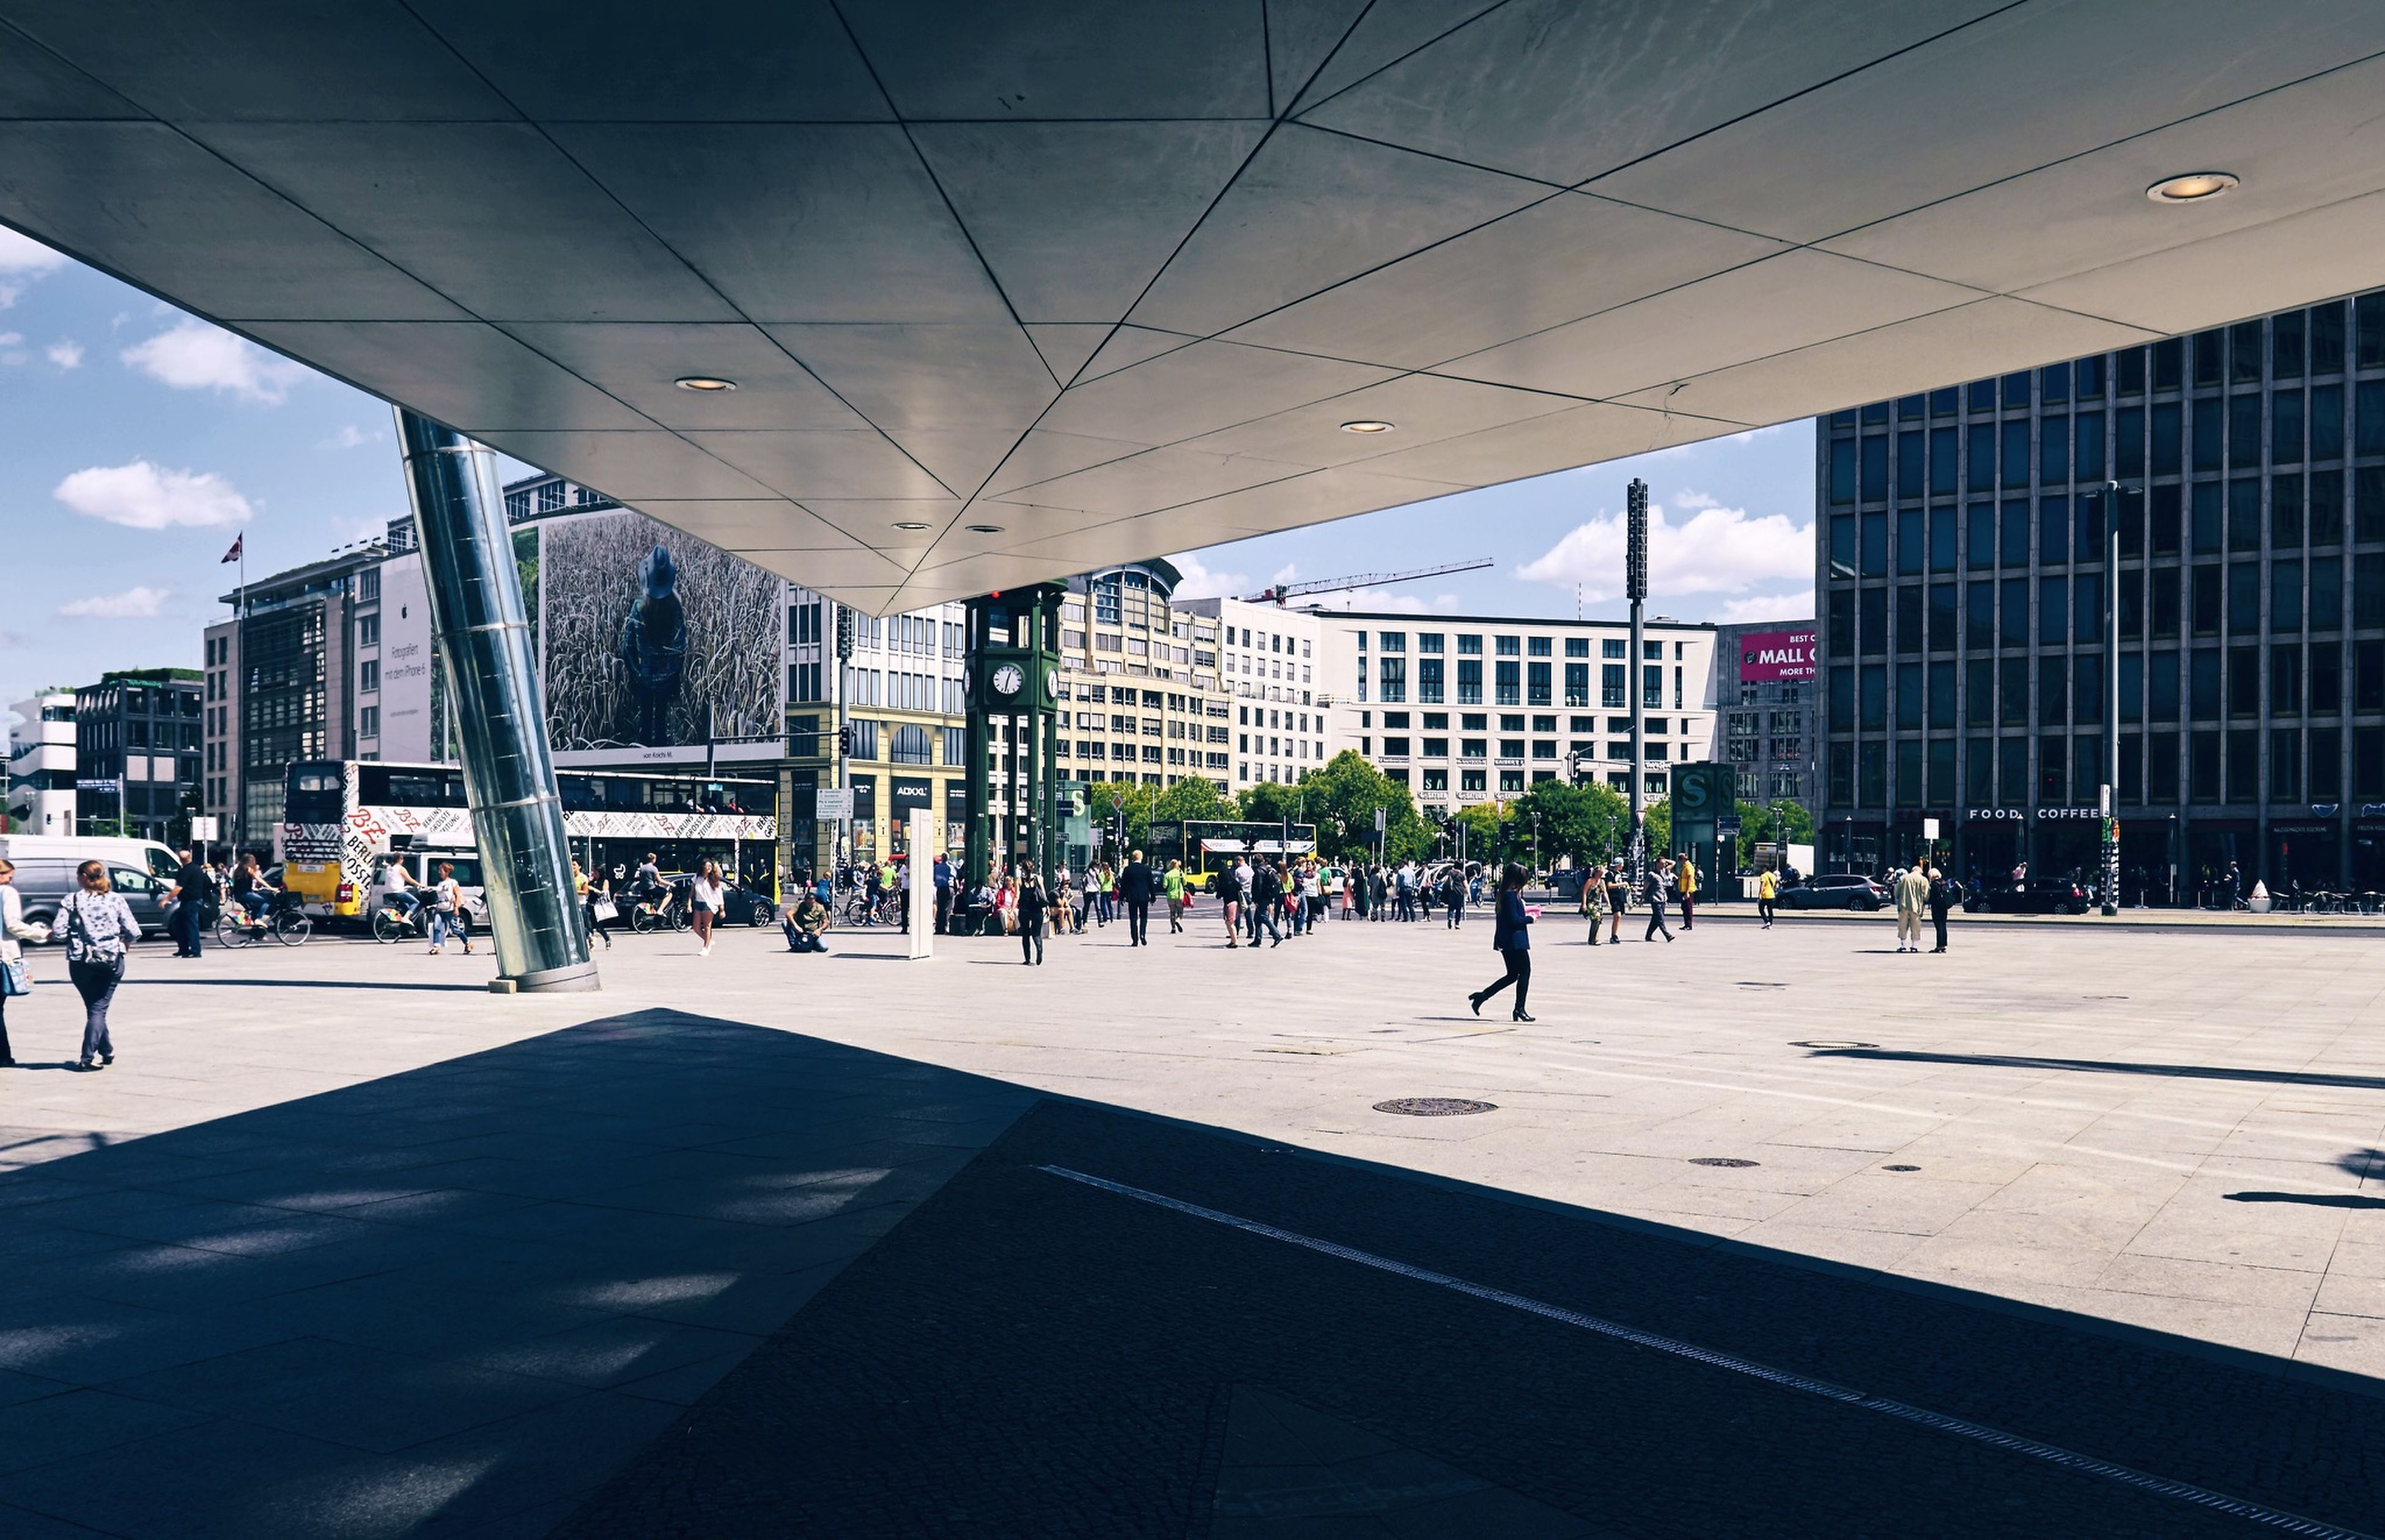 People On Footpath Against Buildings In City